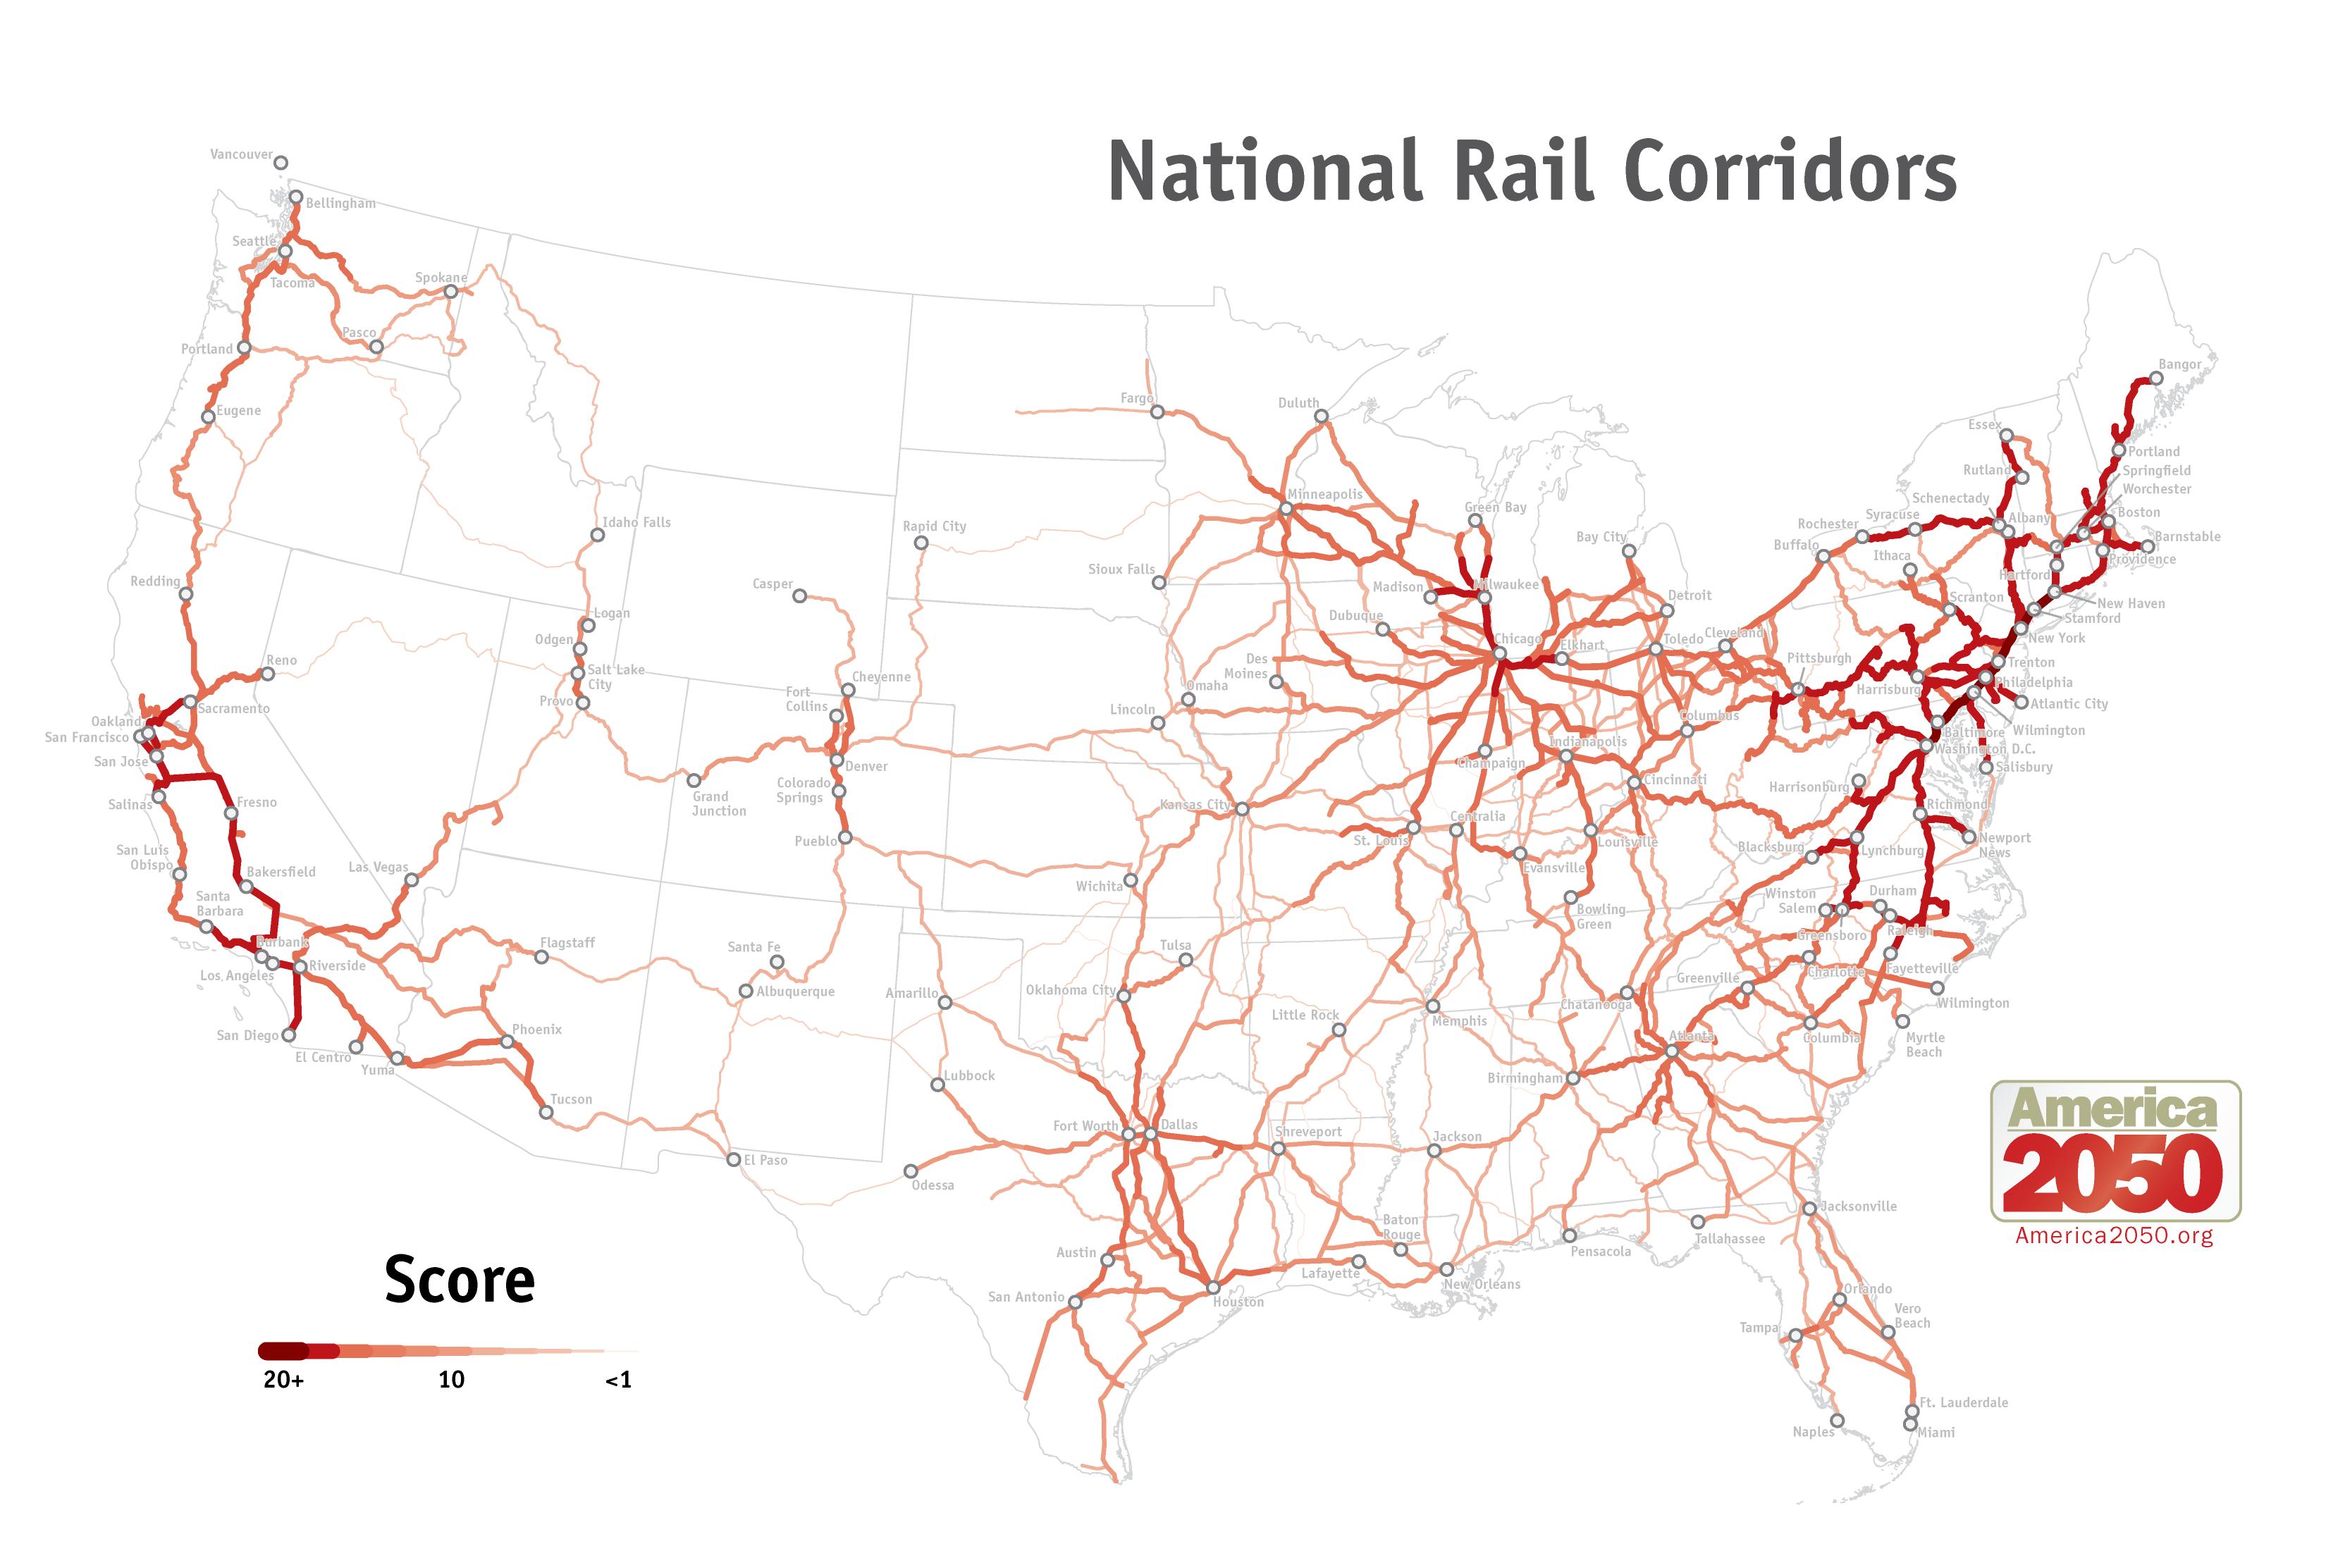 scoring of rail corridors